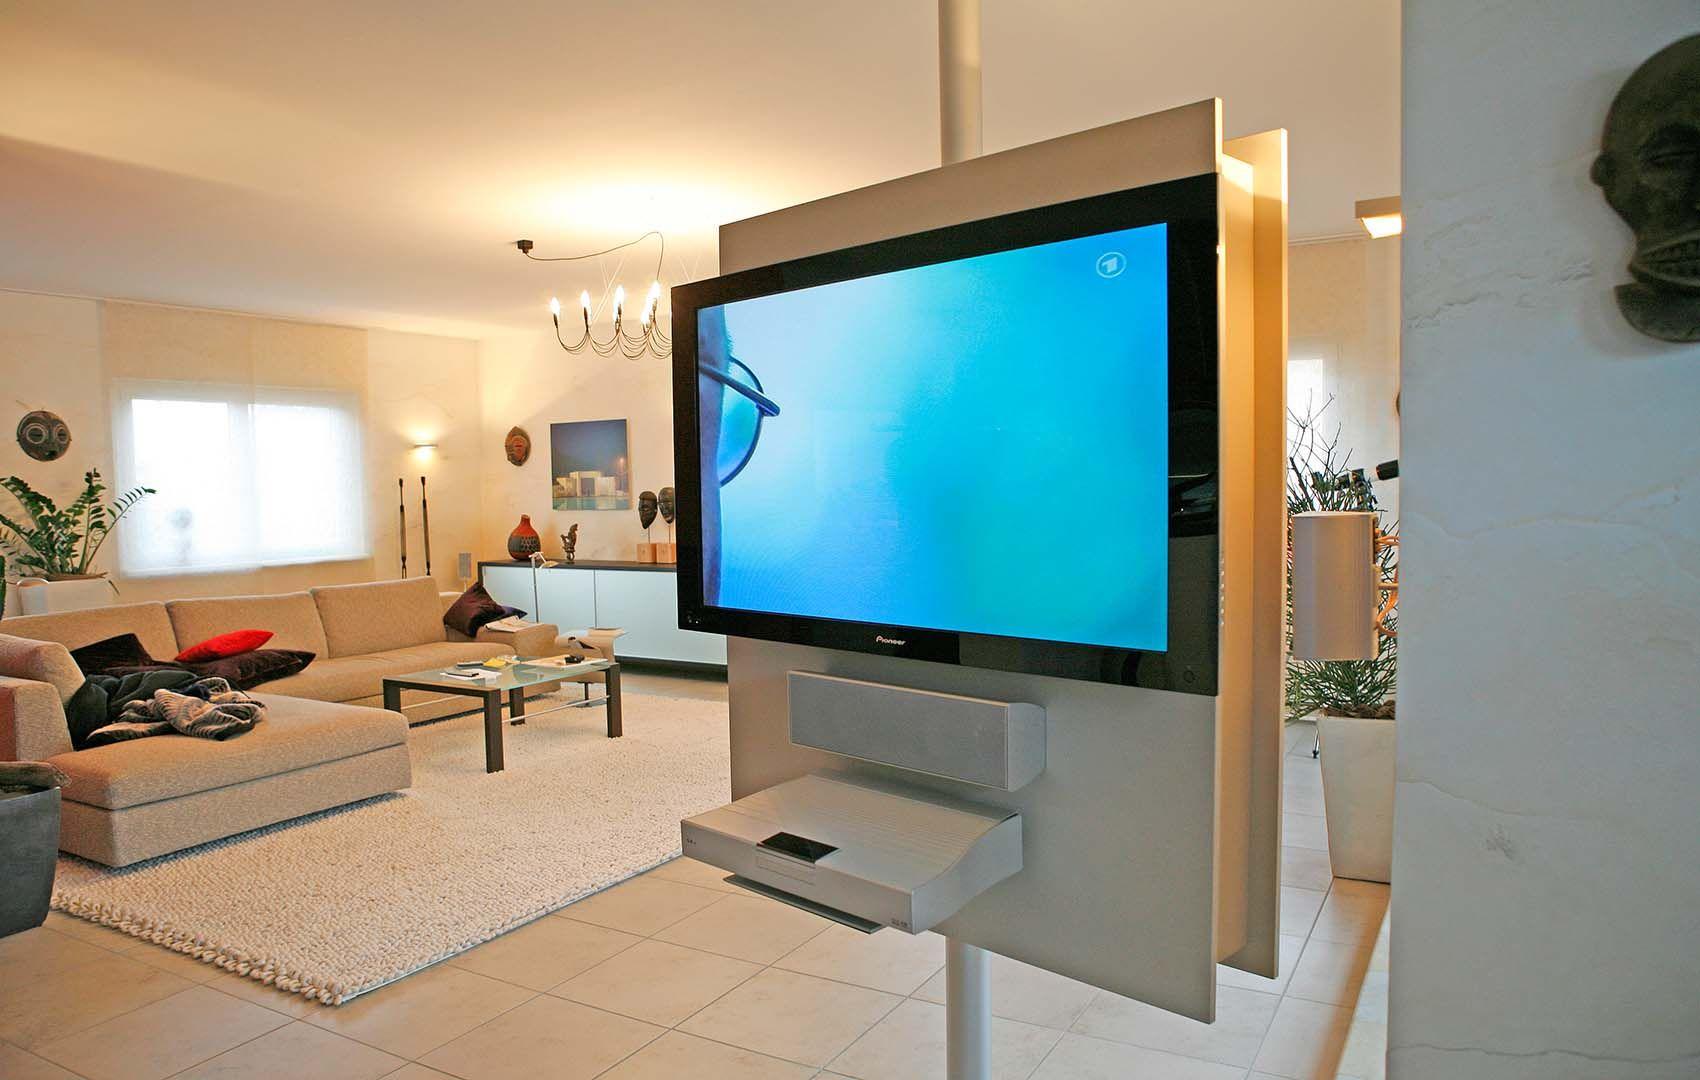 Möbelgeschäft Darmstadt ihr schreiner nach maß in darmstadt arheilgen pole tv